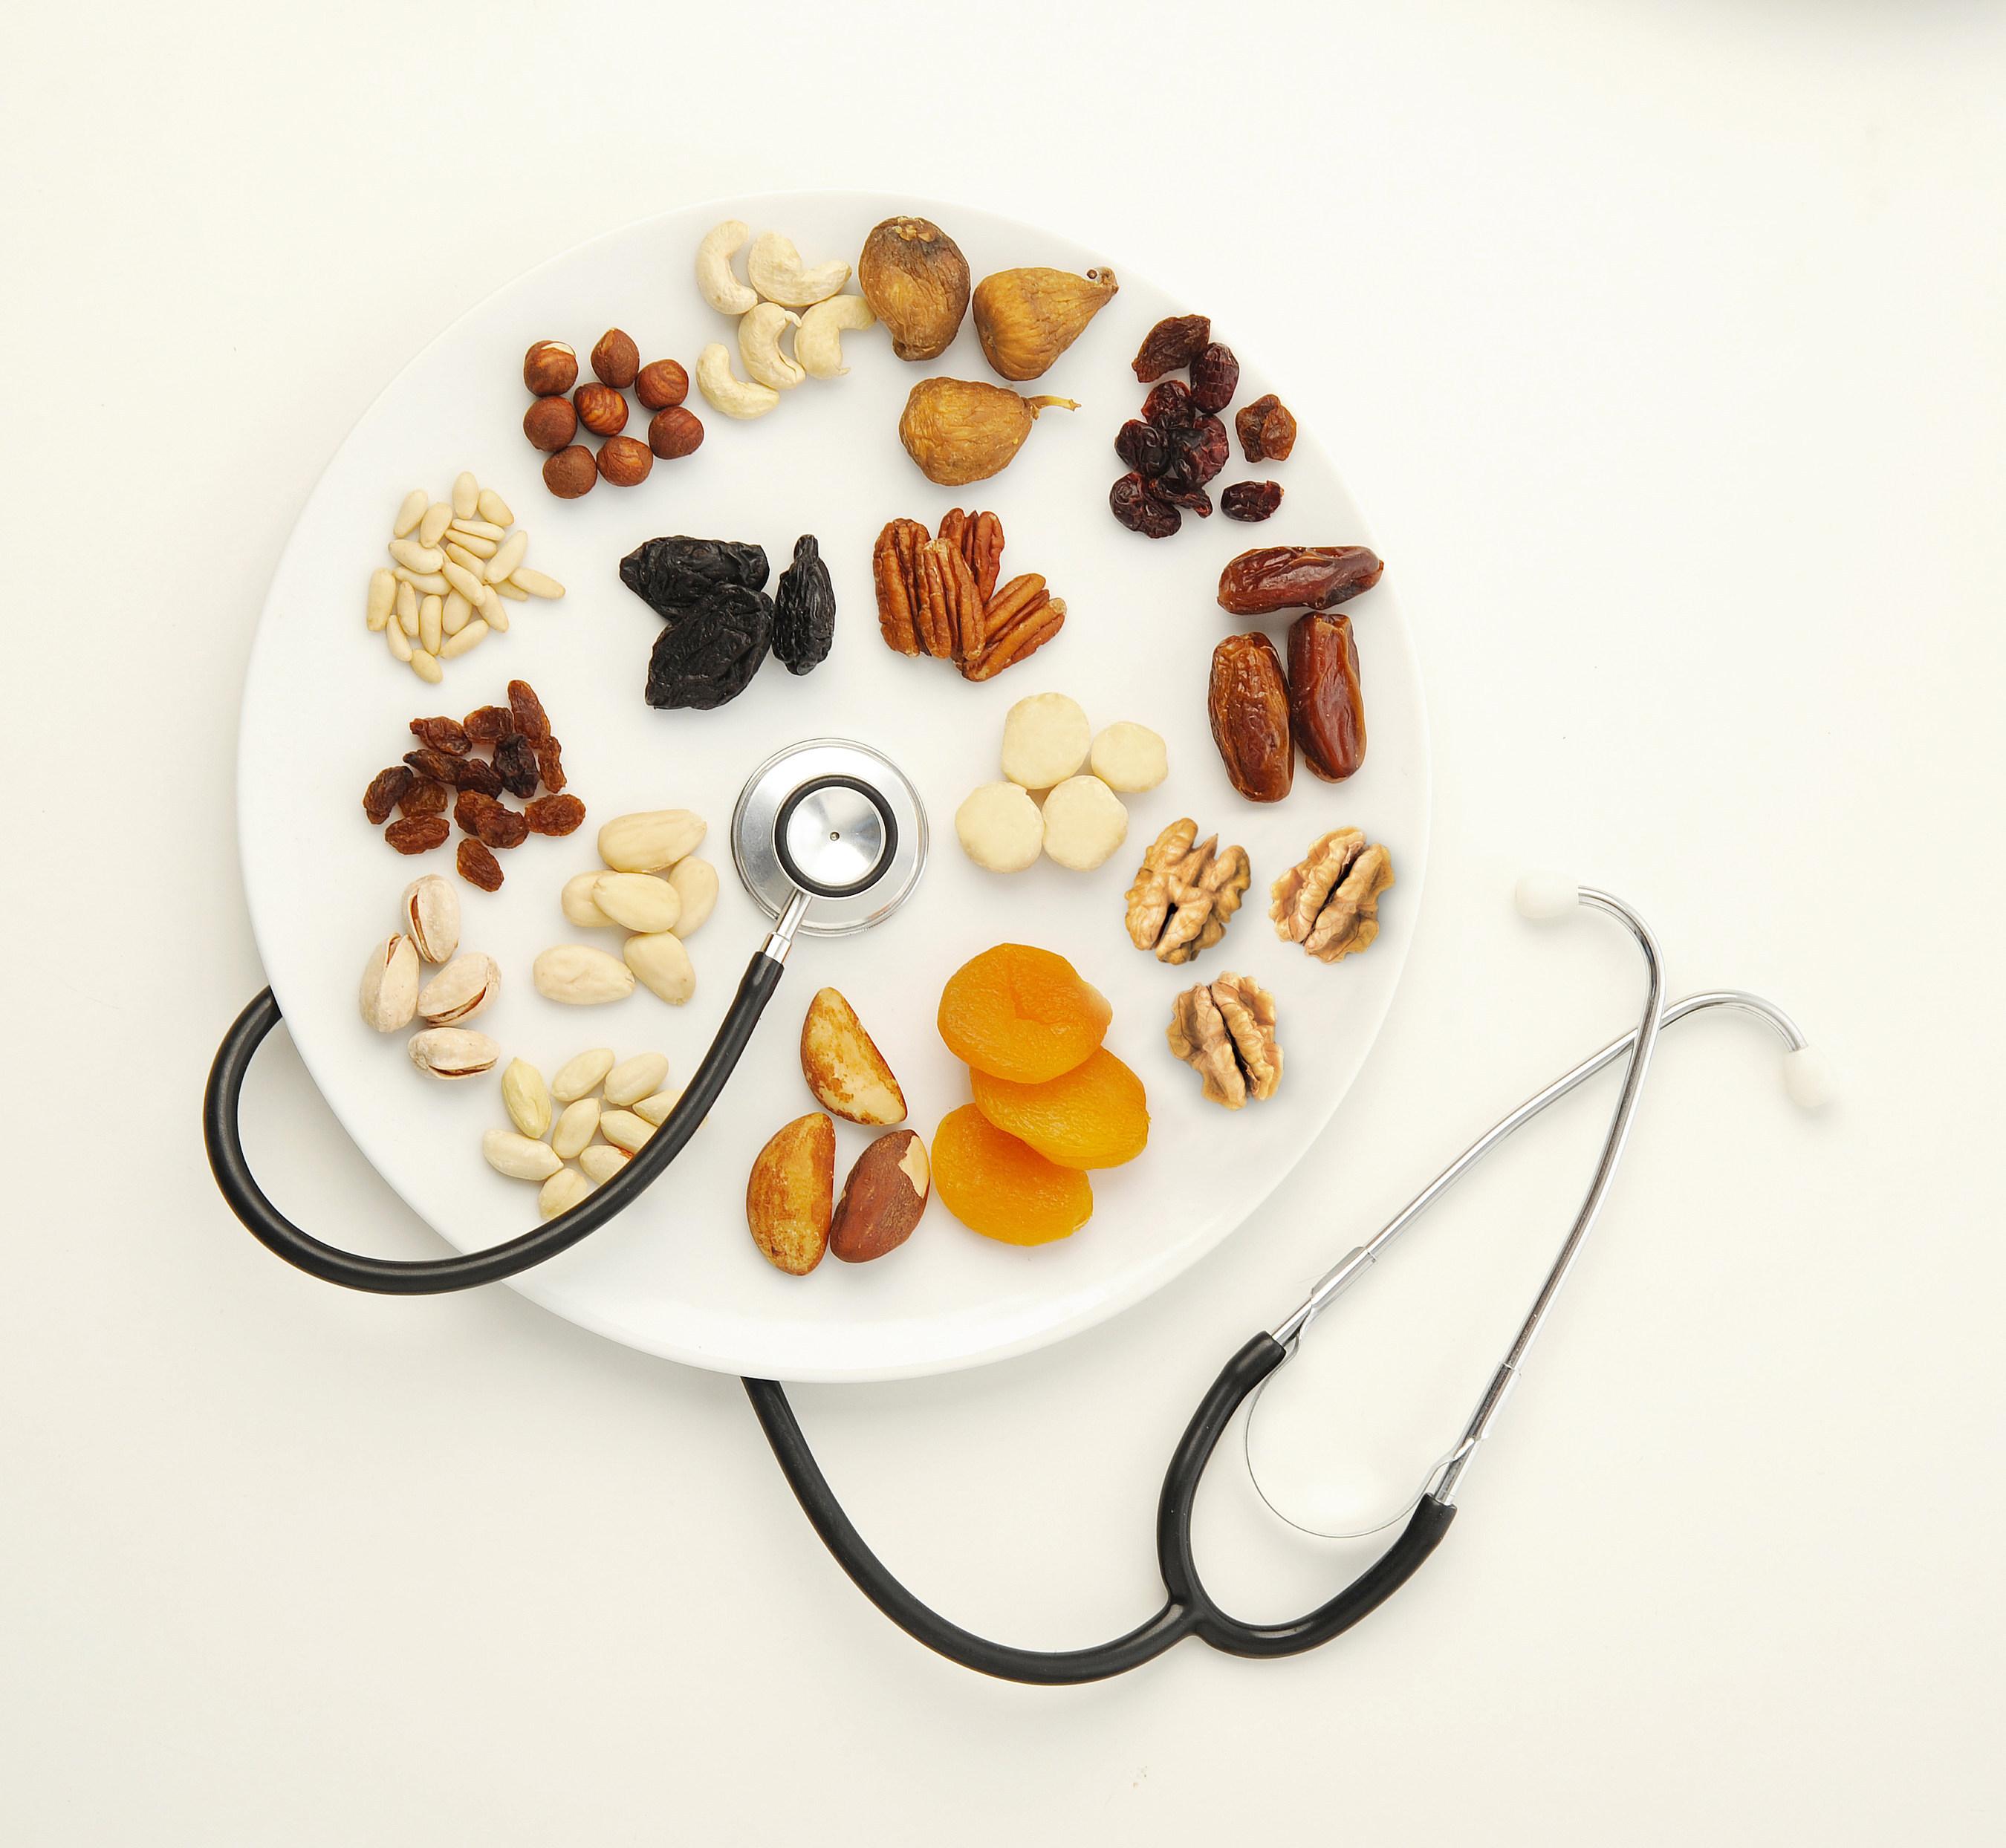 Les noix et les fruits secs peuvent permettre d'améliorer la santé intestinale